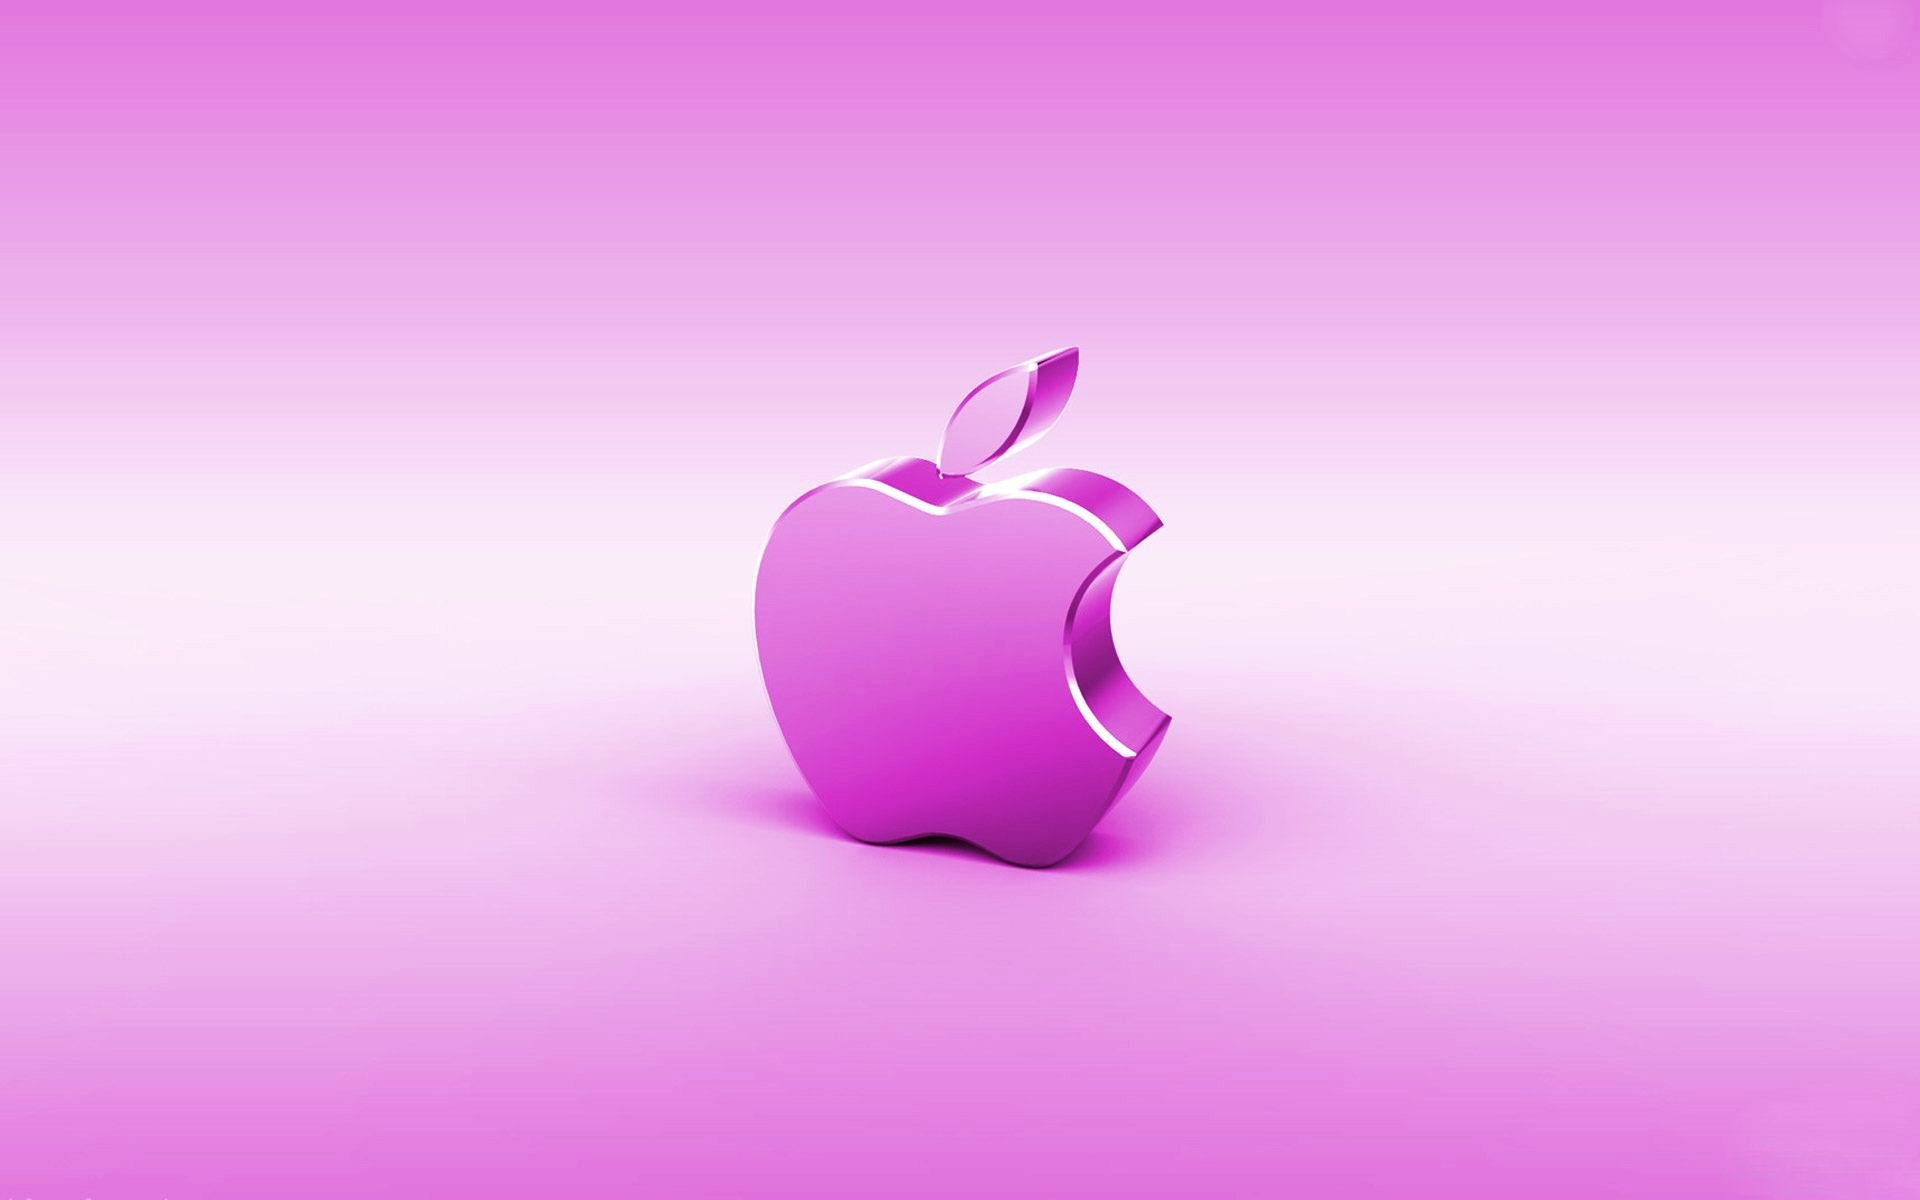 IPhone с розовыми наушниками  № 2843247 без смс